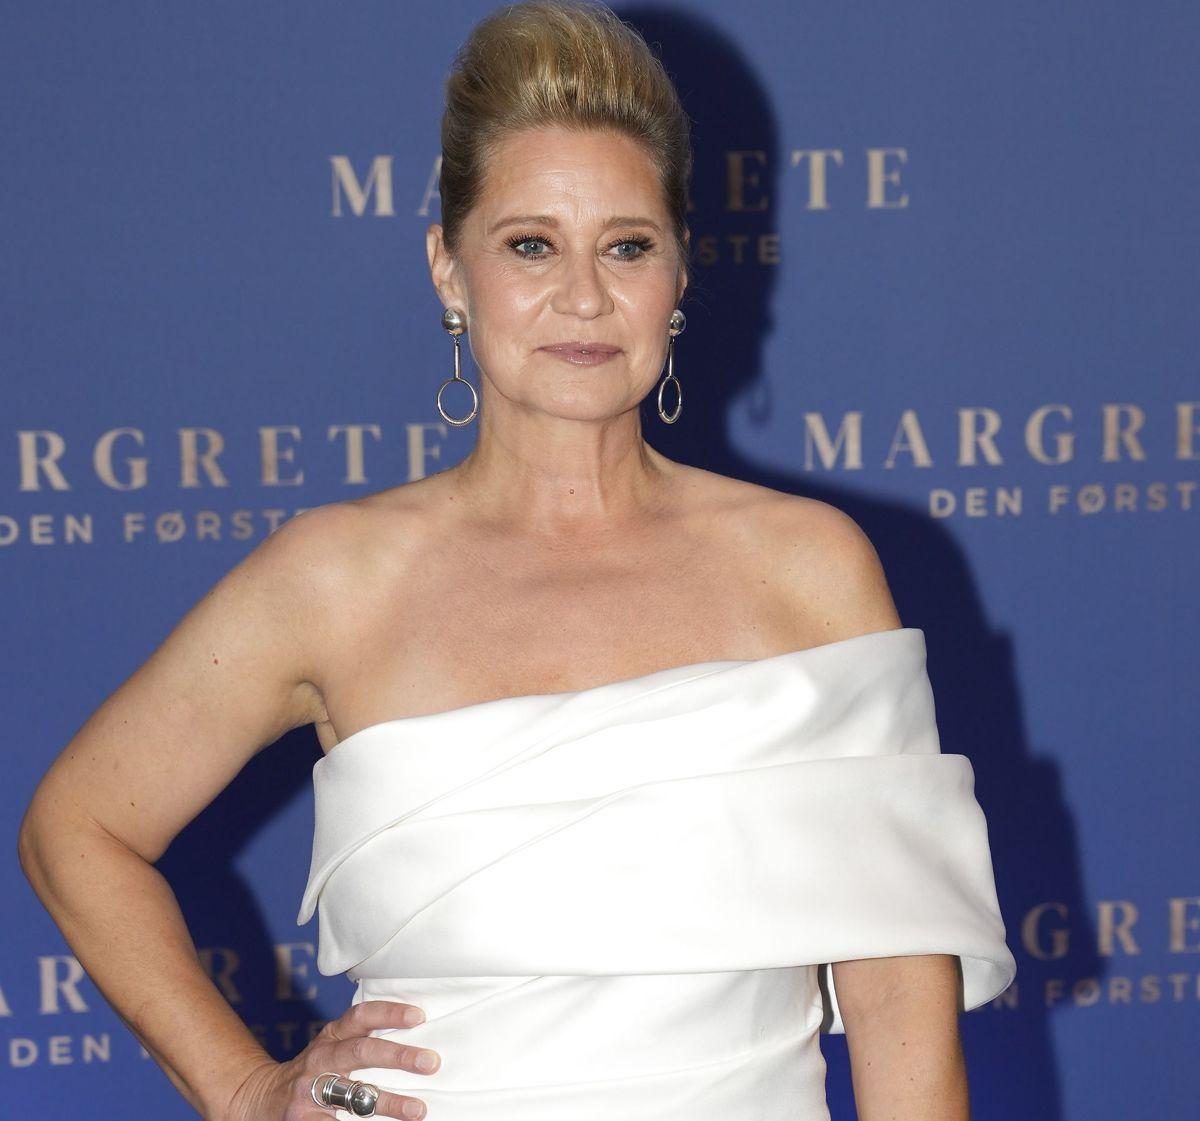 Trine Dyrholm. Dronning Margrethe deltager i gallapremiere på filmen Margrete den første i Imperial Bio i København, onsdag den 8. september 2021.